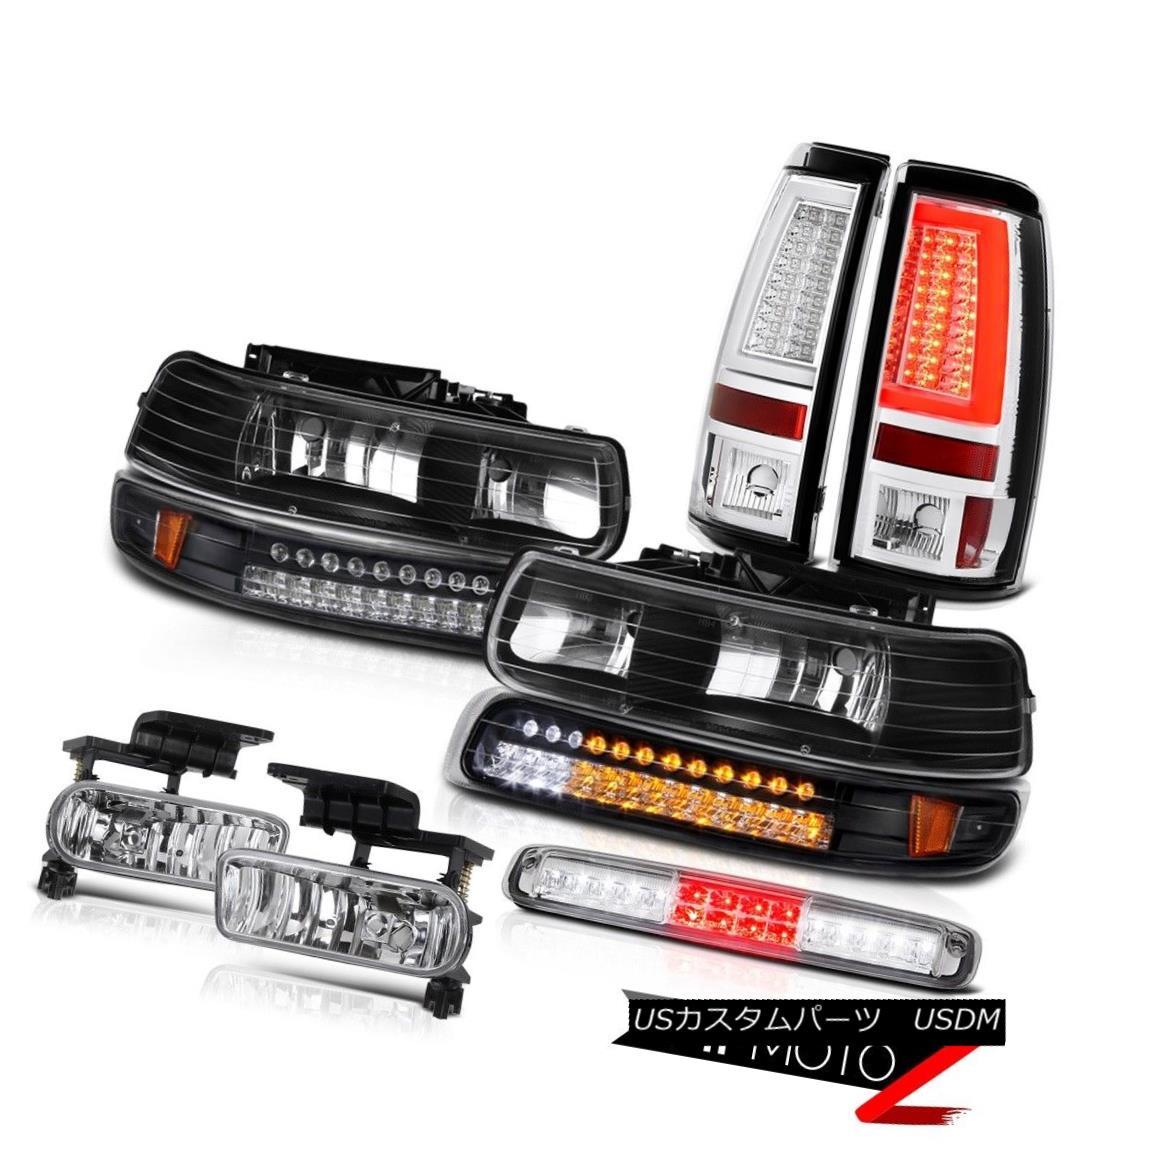 テールライト 99-02 Silverado 1500 Tail Lights Roof Cab Lamp Foglights Parking Light Projector 99-02 Silverado 1500テールランプルーフキャブランプフォグライトパーキングライトプロジェクター